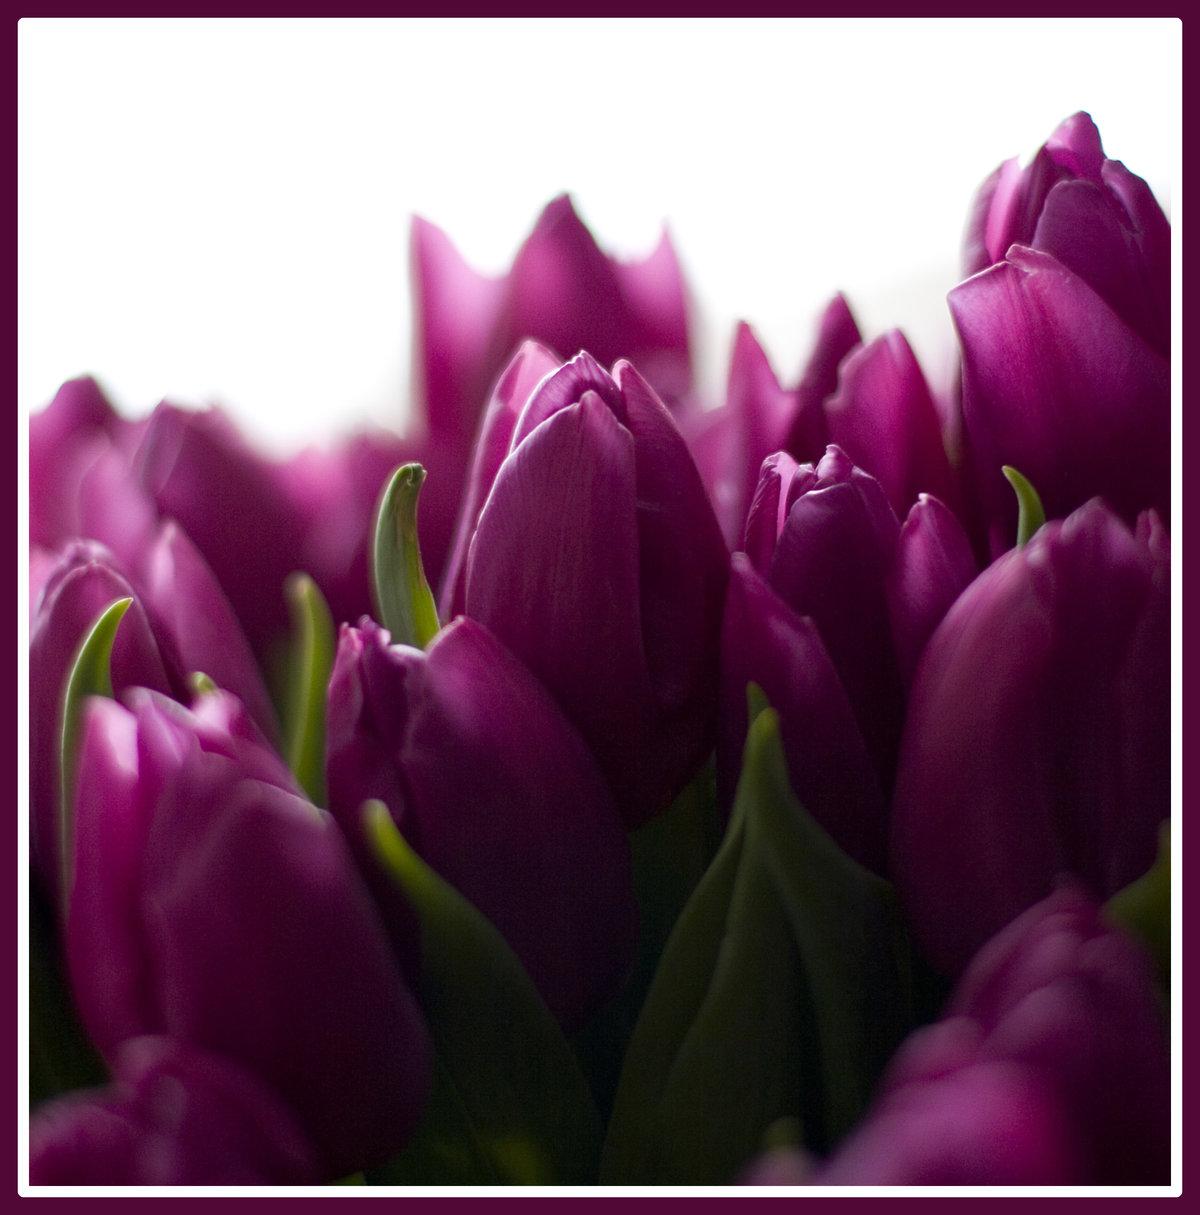 Зеленограде больших, хочу букет из фиолетовых тюльпанов и чтоб